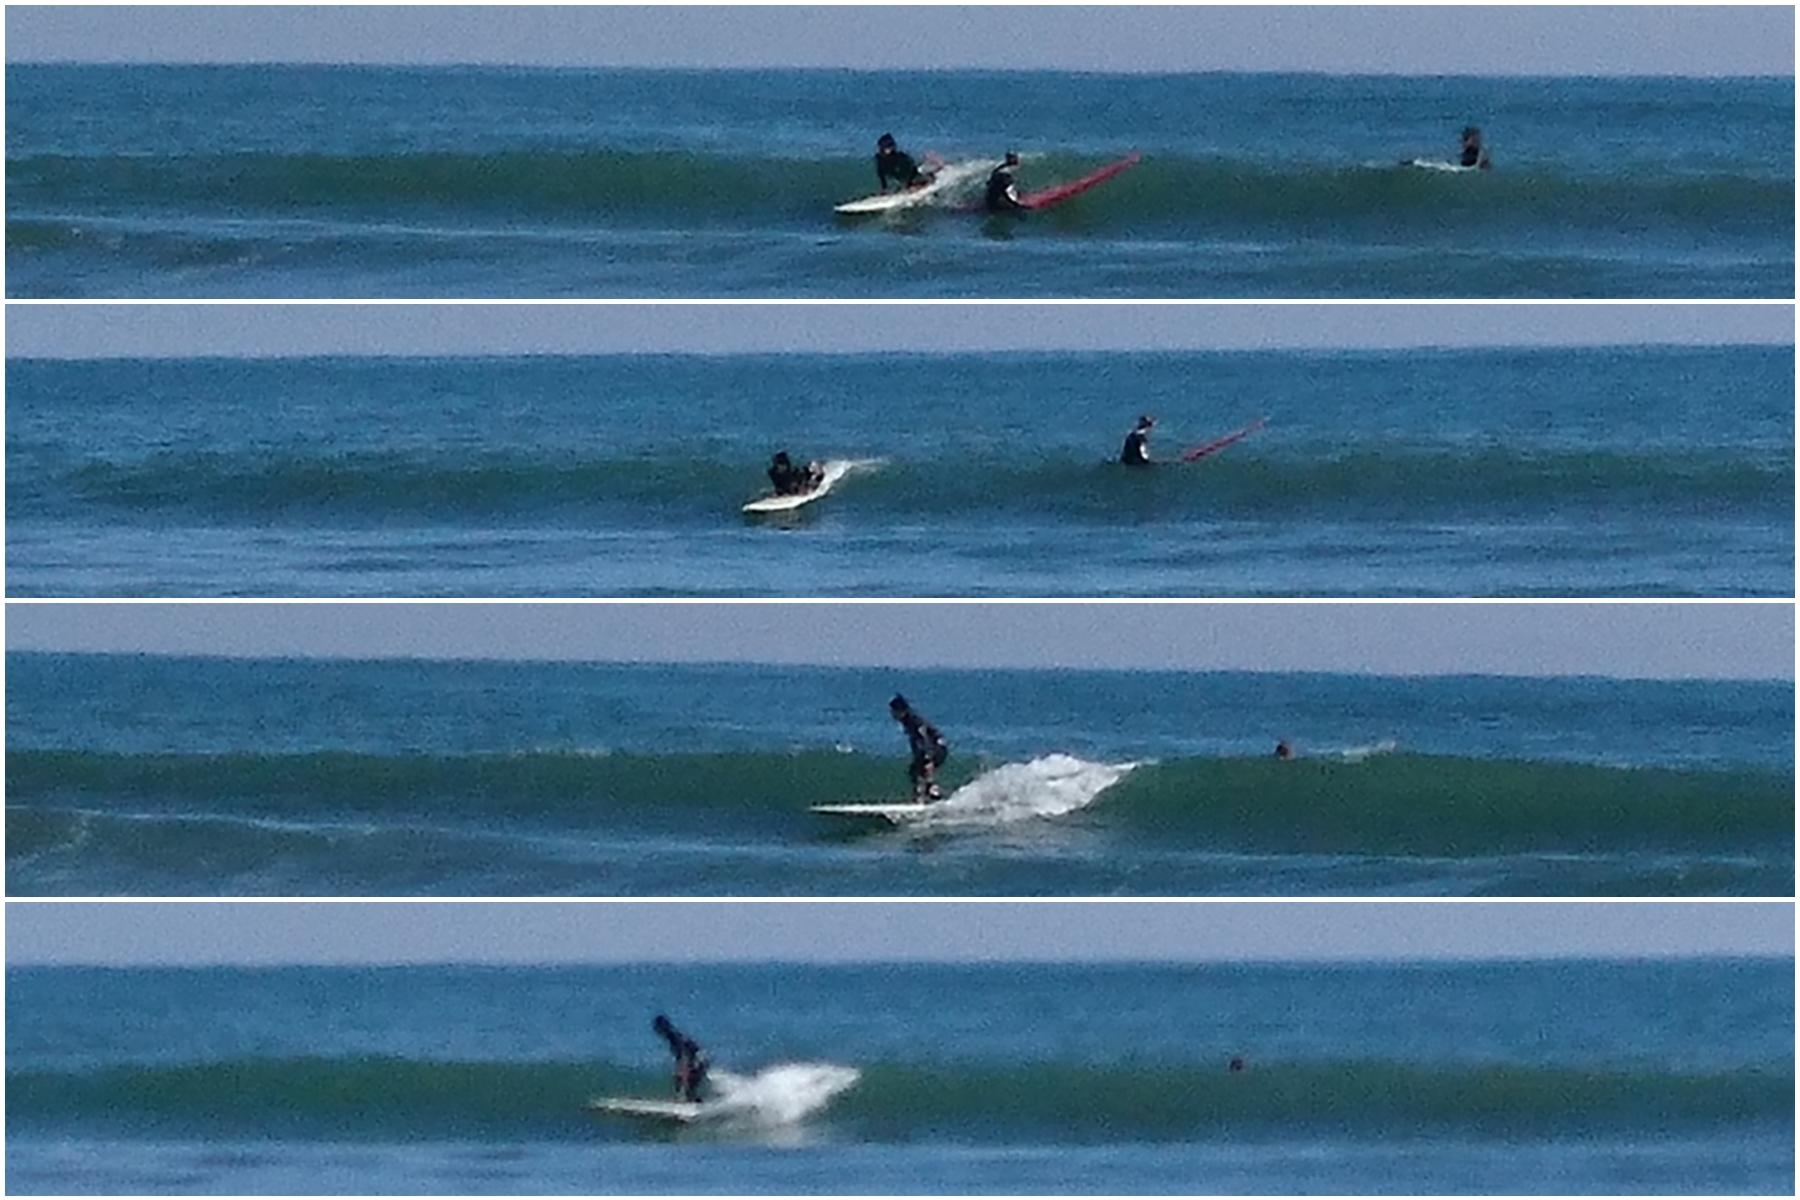 サーフィン初心者から卒業!次こそ立つためにテイクオフのコツとは! | Greenfield|グリーンフィールド アウトドア&スポーツ